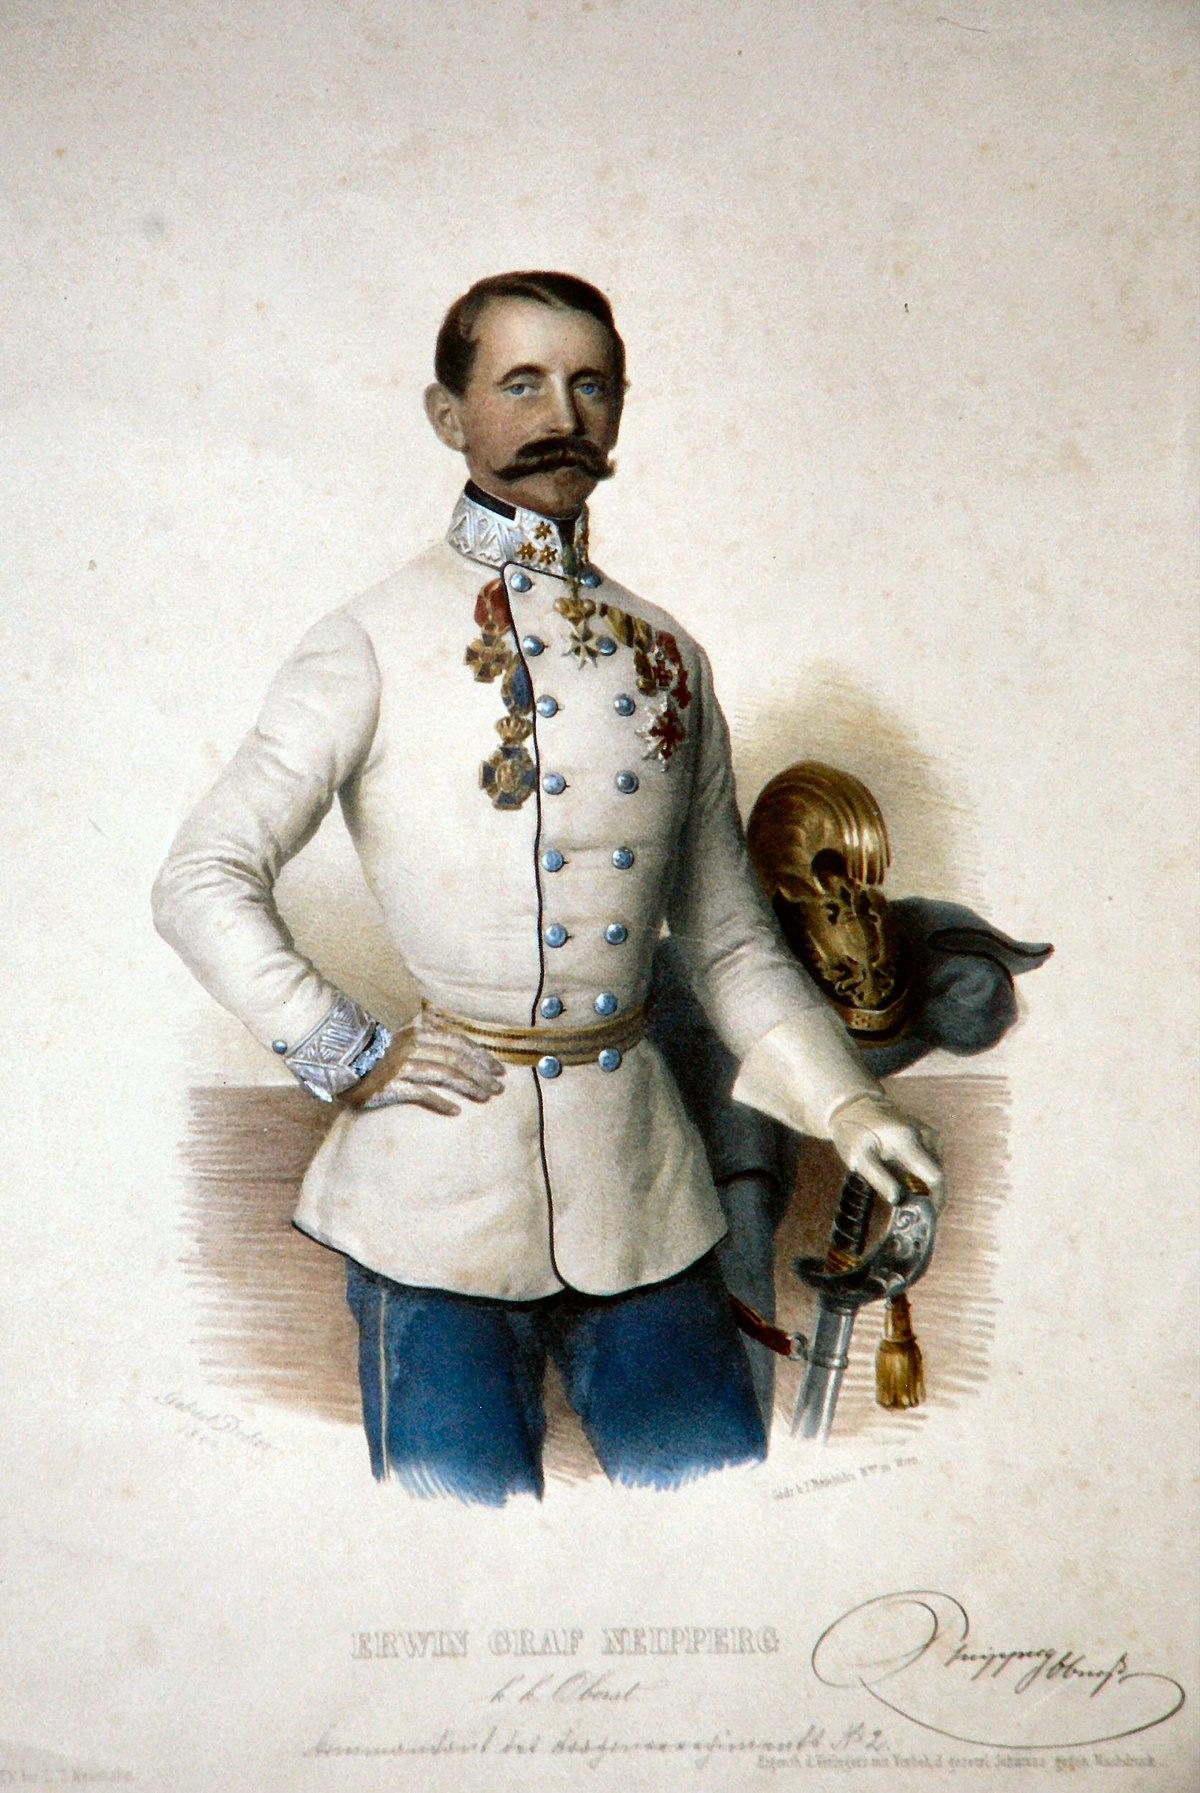 Erwin Neipperg Litho.JPG